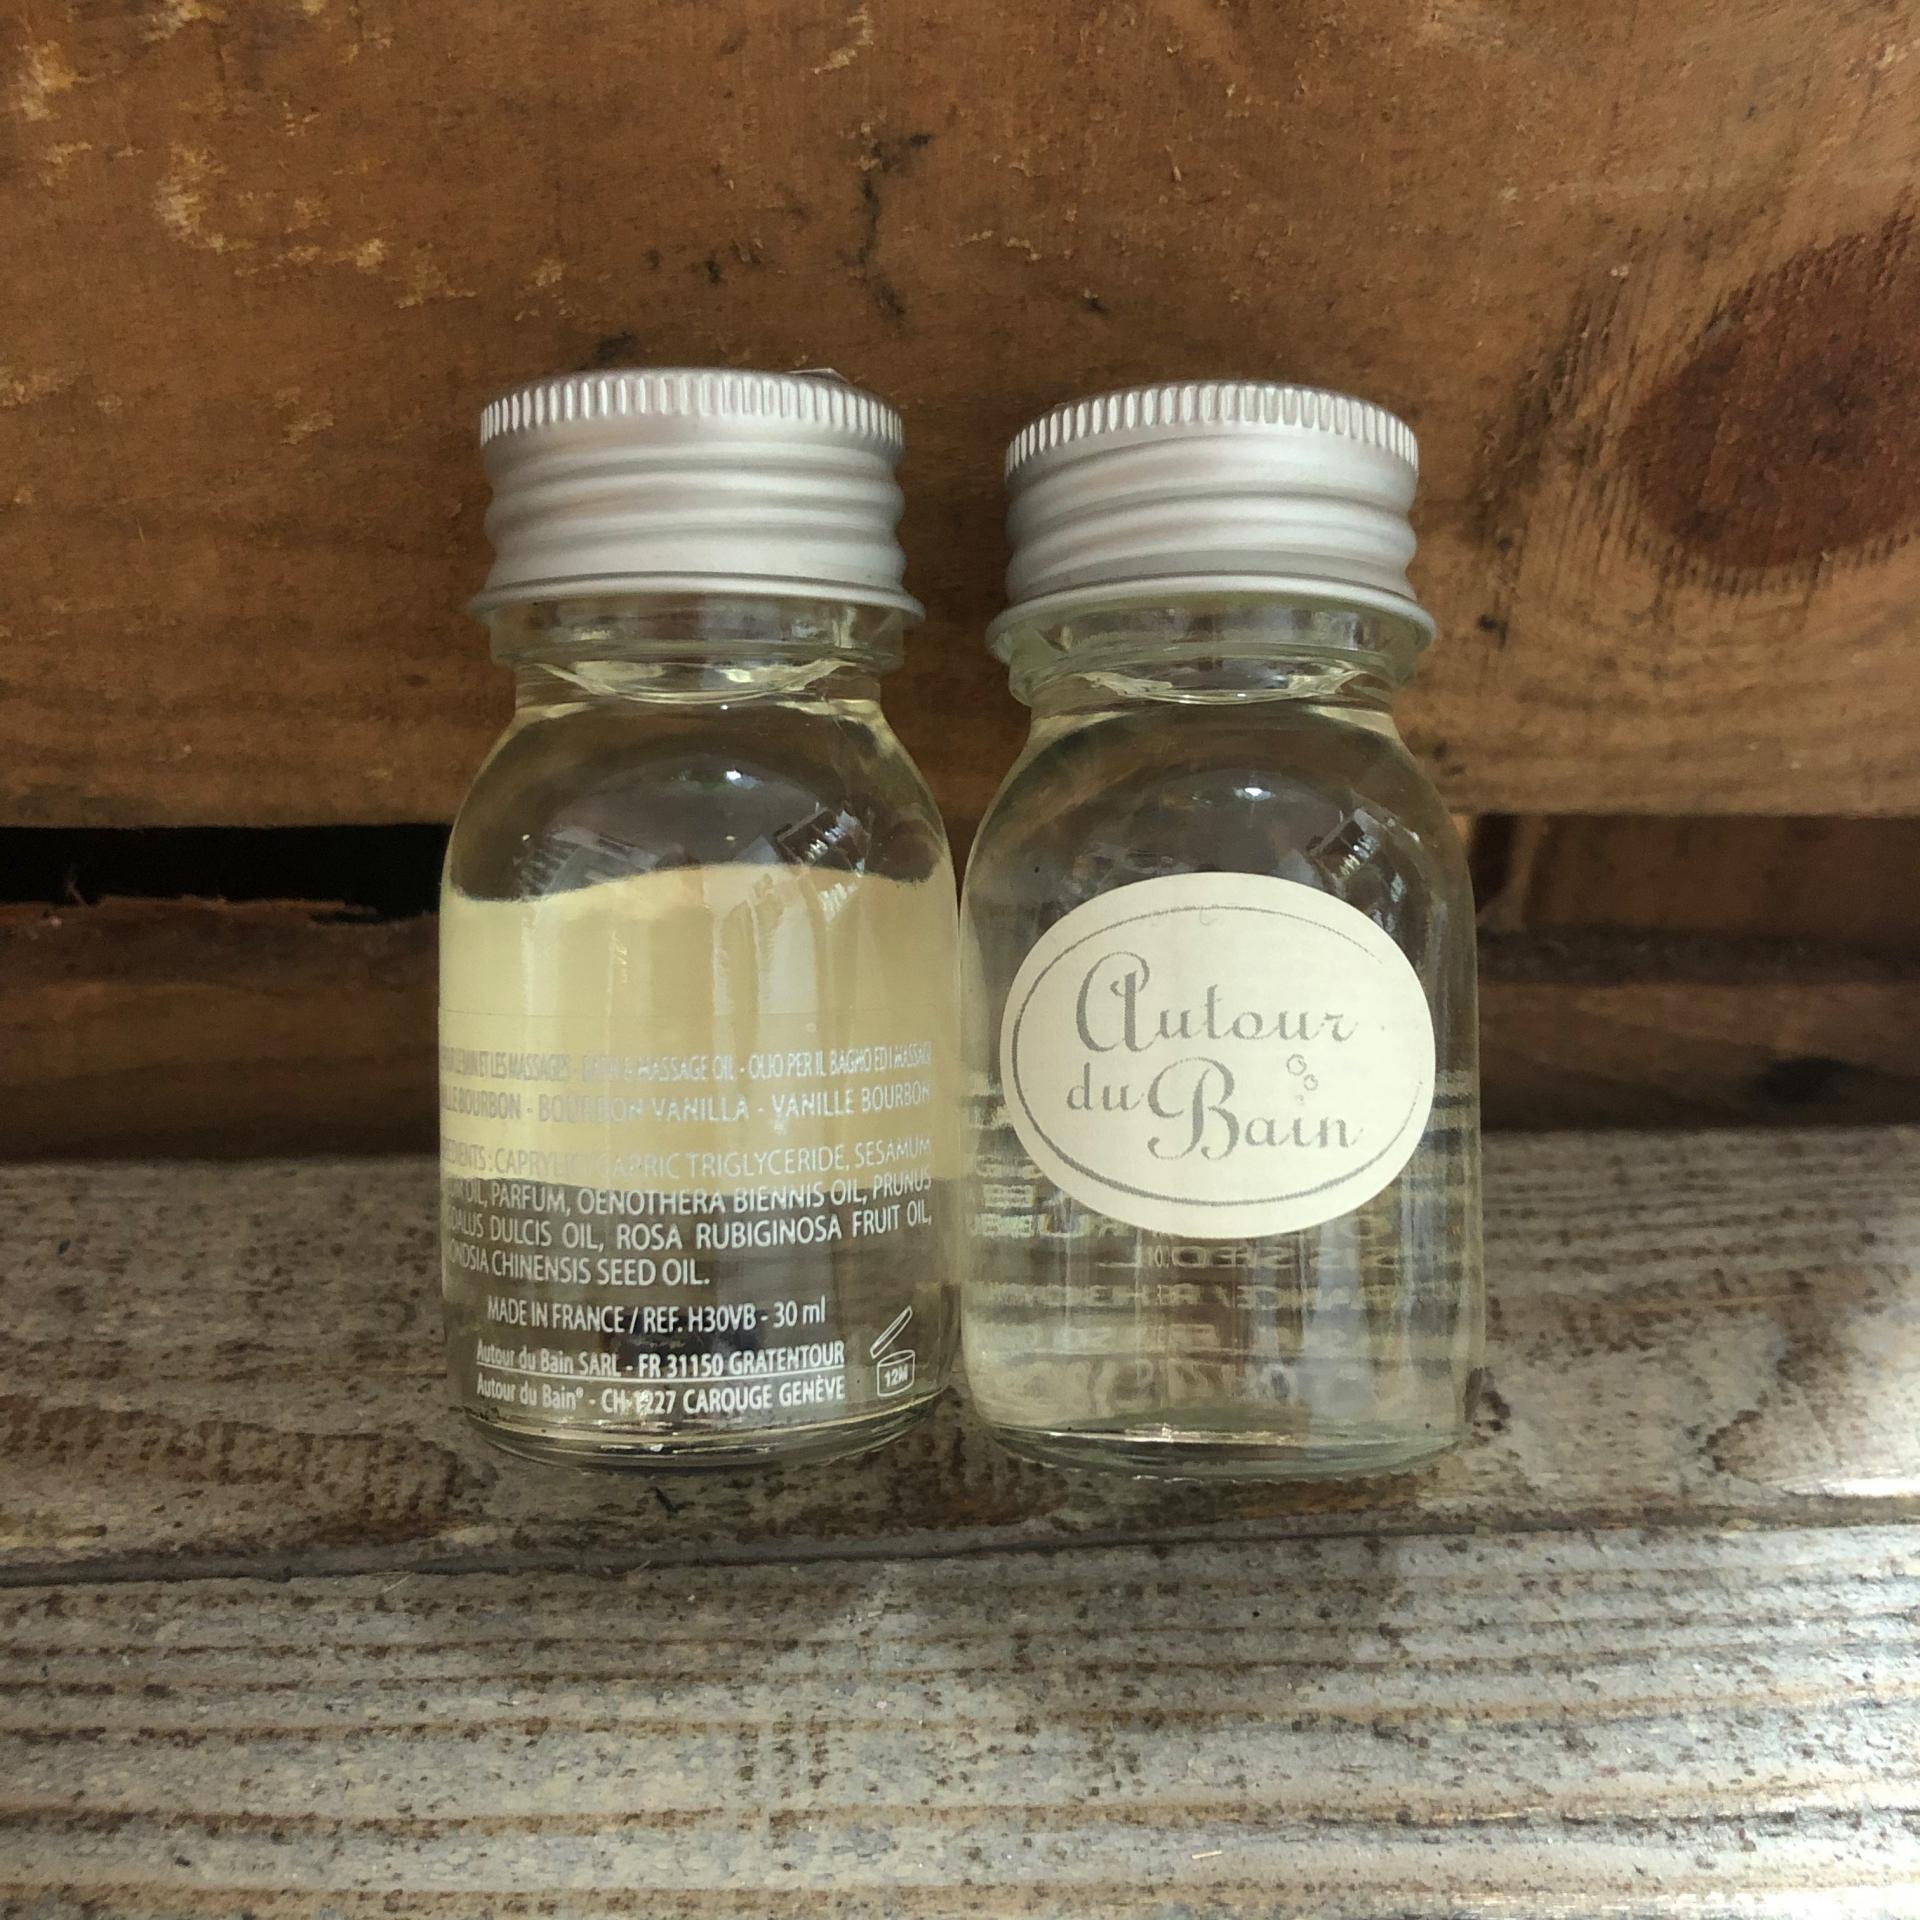 Huile de massage et bain vanille bourbon